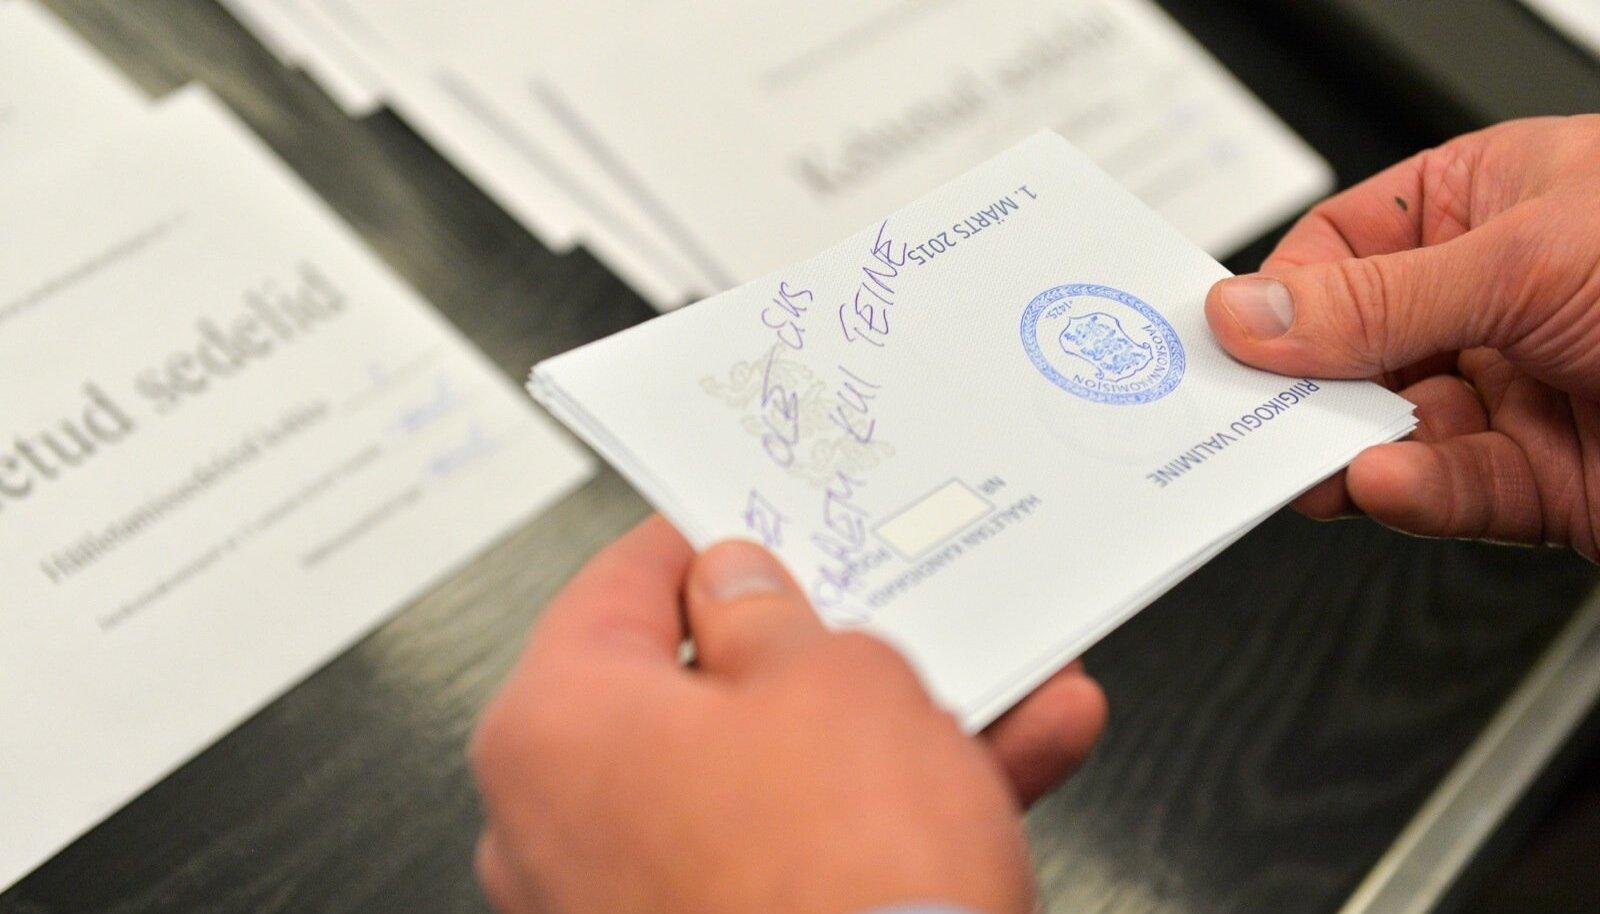 Tallinn peab teise valimisringkonna kehtetud valimissedelid üle lugema